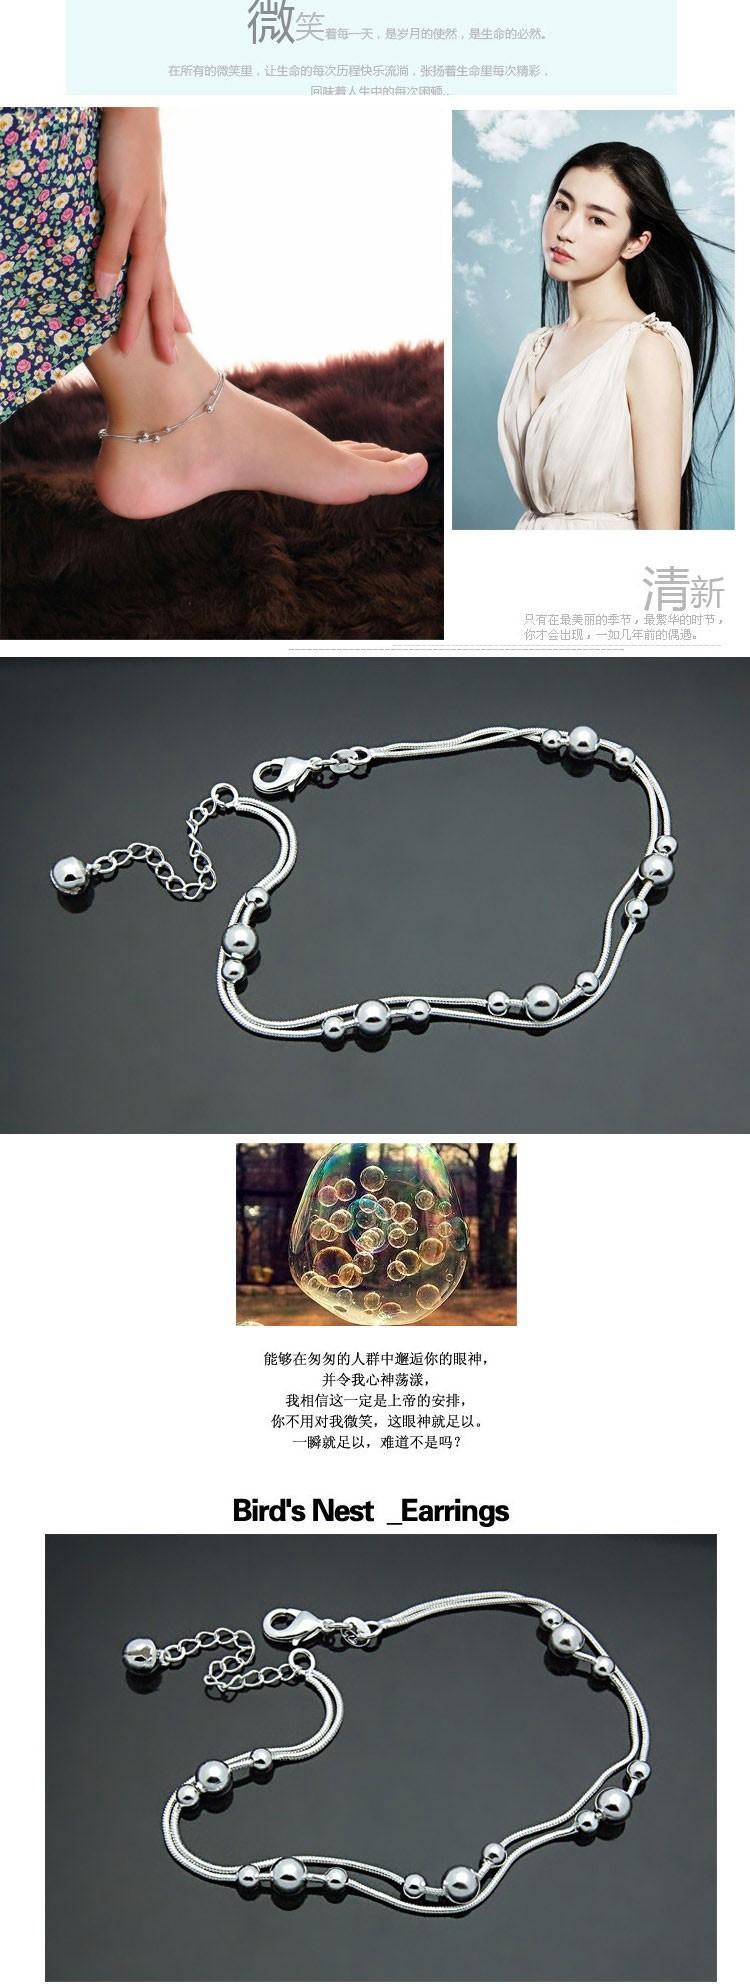 Ювелирные изделия из ножной браслет для женщины, 925 женщины чистое серебро ножной браслет ; сплошной дизайн ;